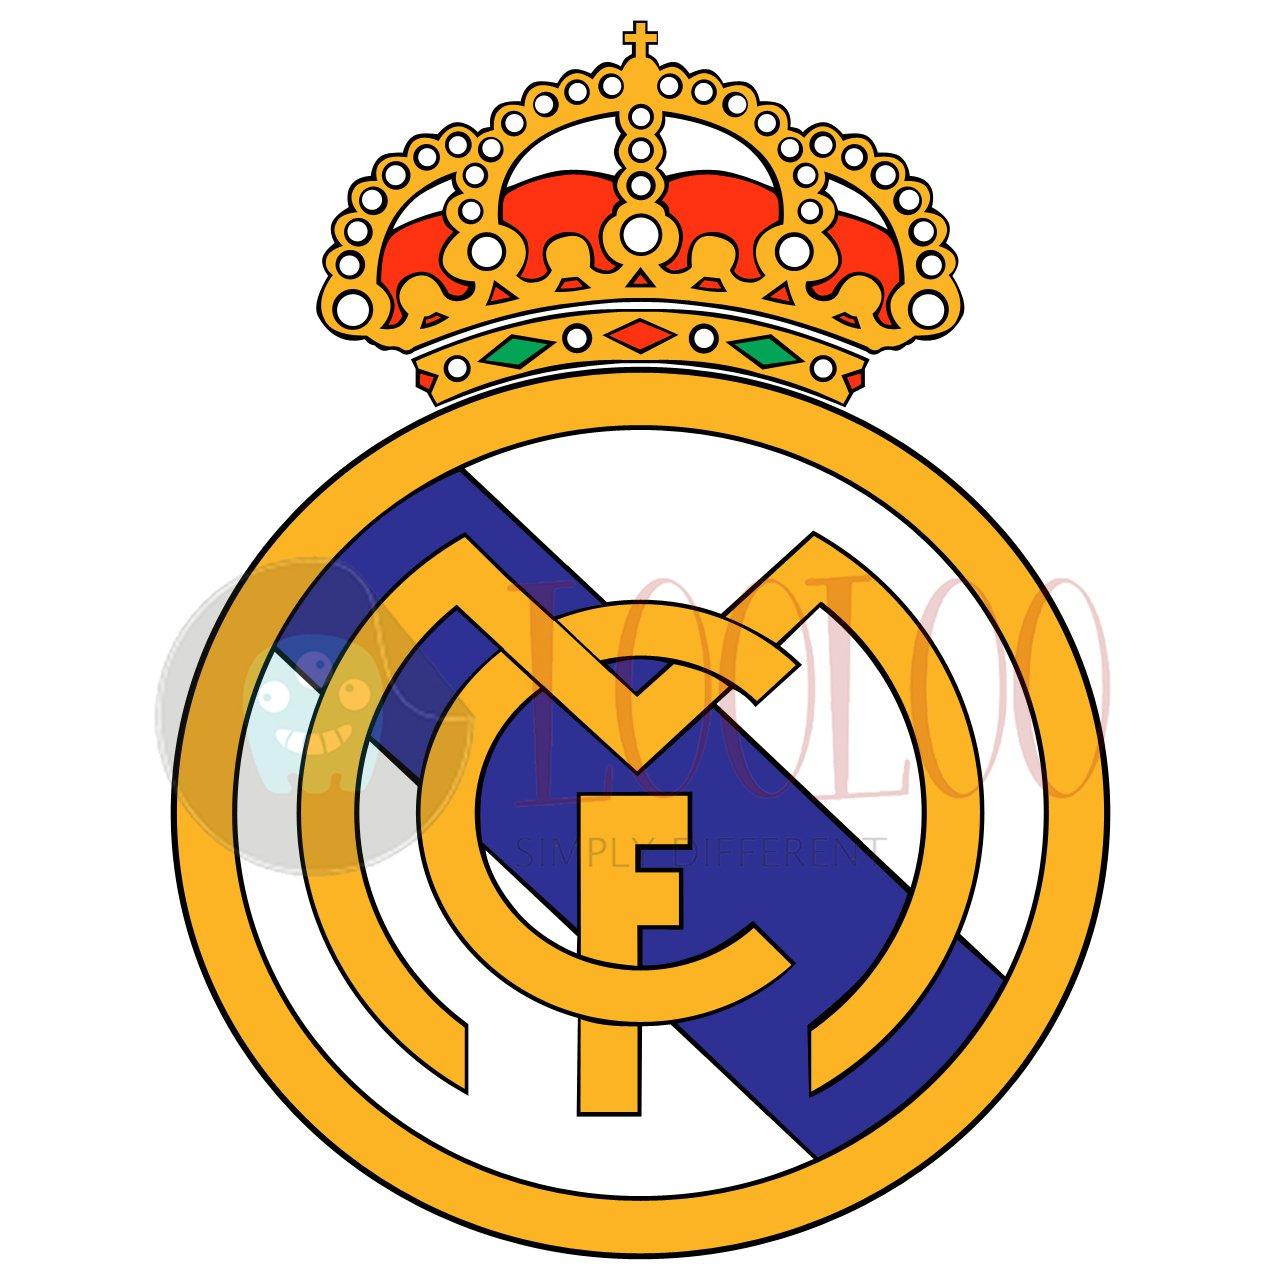 استیکر رئال مادرید از مجموعه فوتبال لولو استیکر